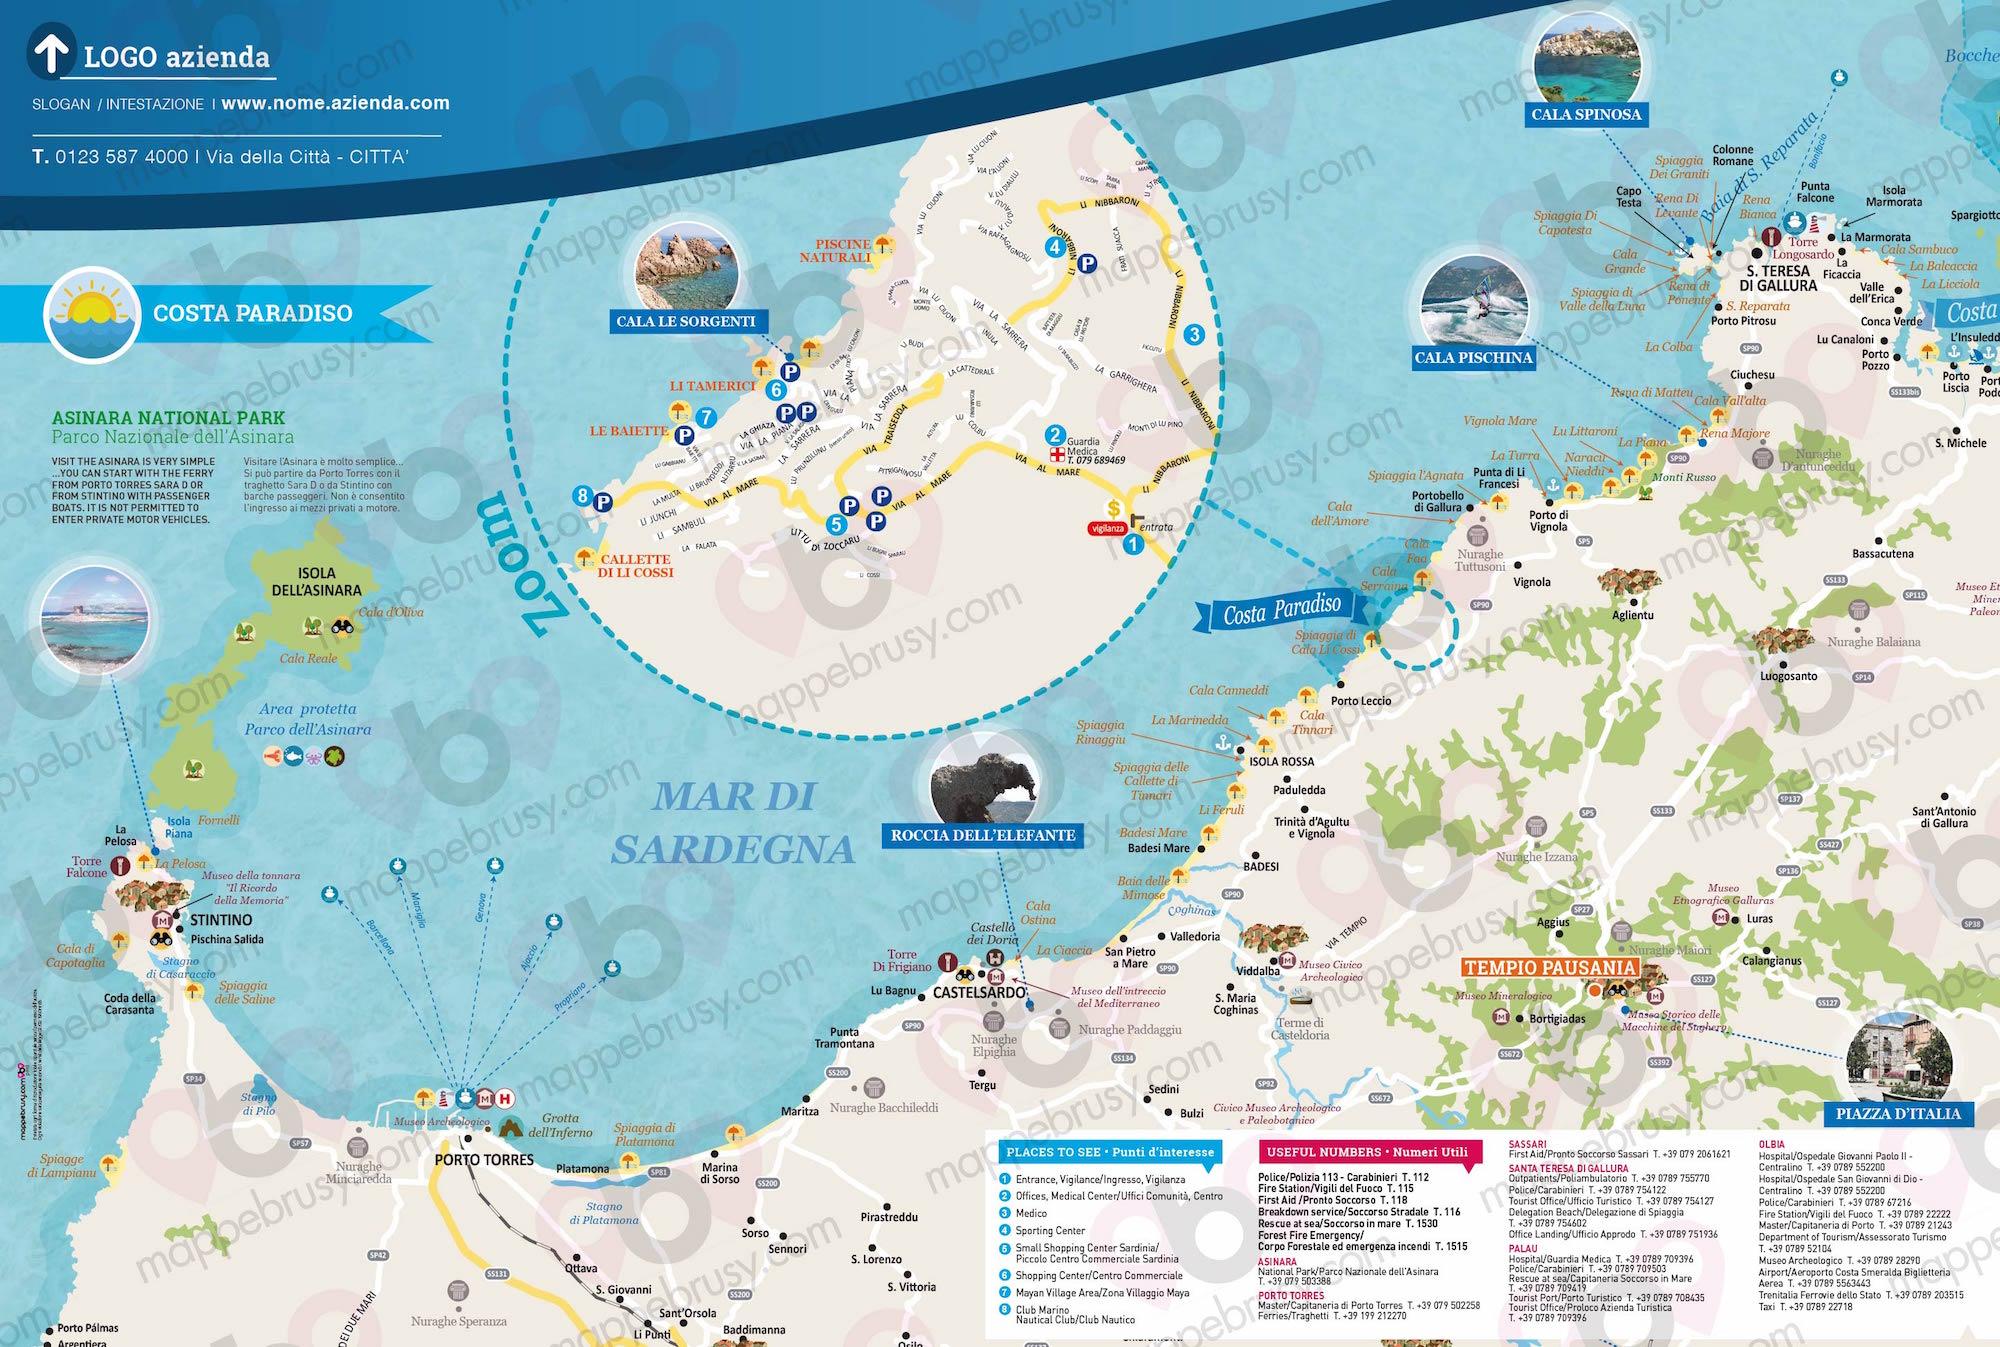 Costa Paradiso Sardegna Cartina Geografica.Costa Paradiso Ot Mappe Brusy